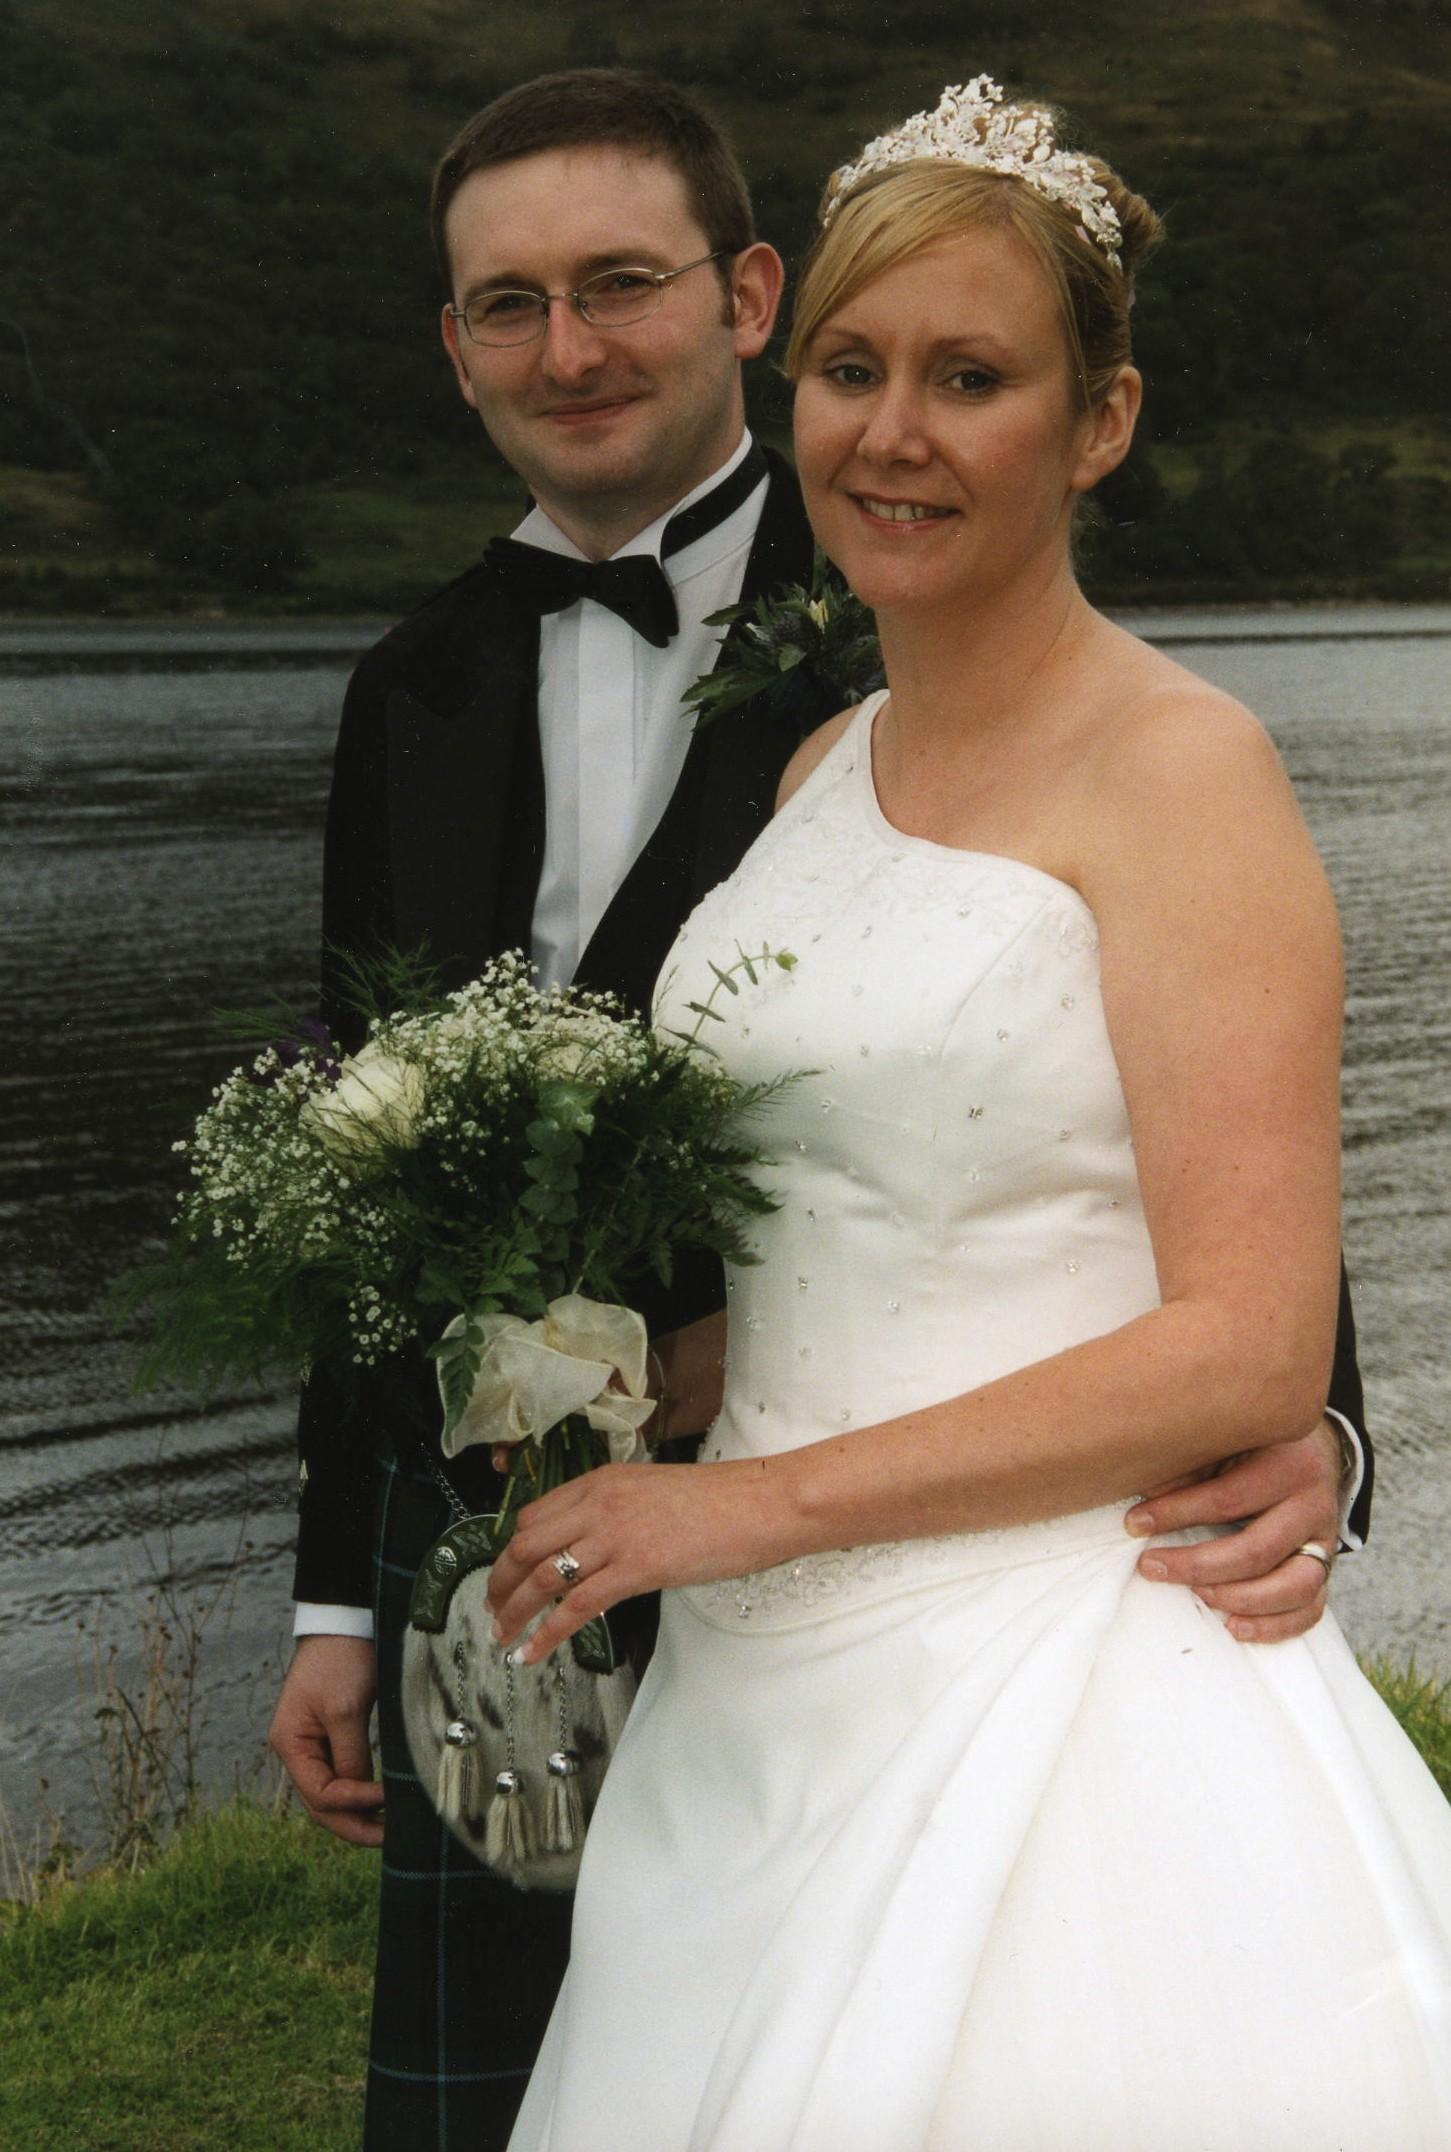 Colin MacCallum & Karen Caulfield's Wedding